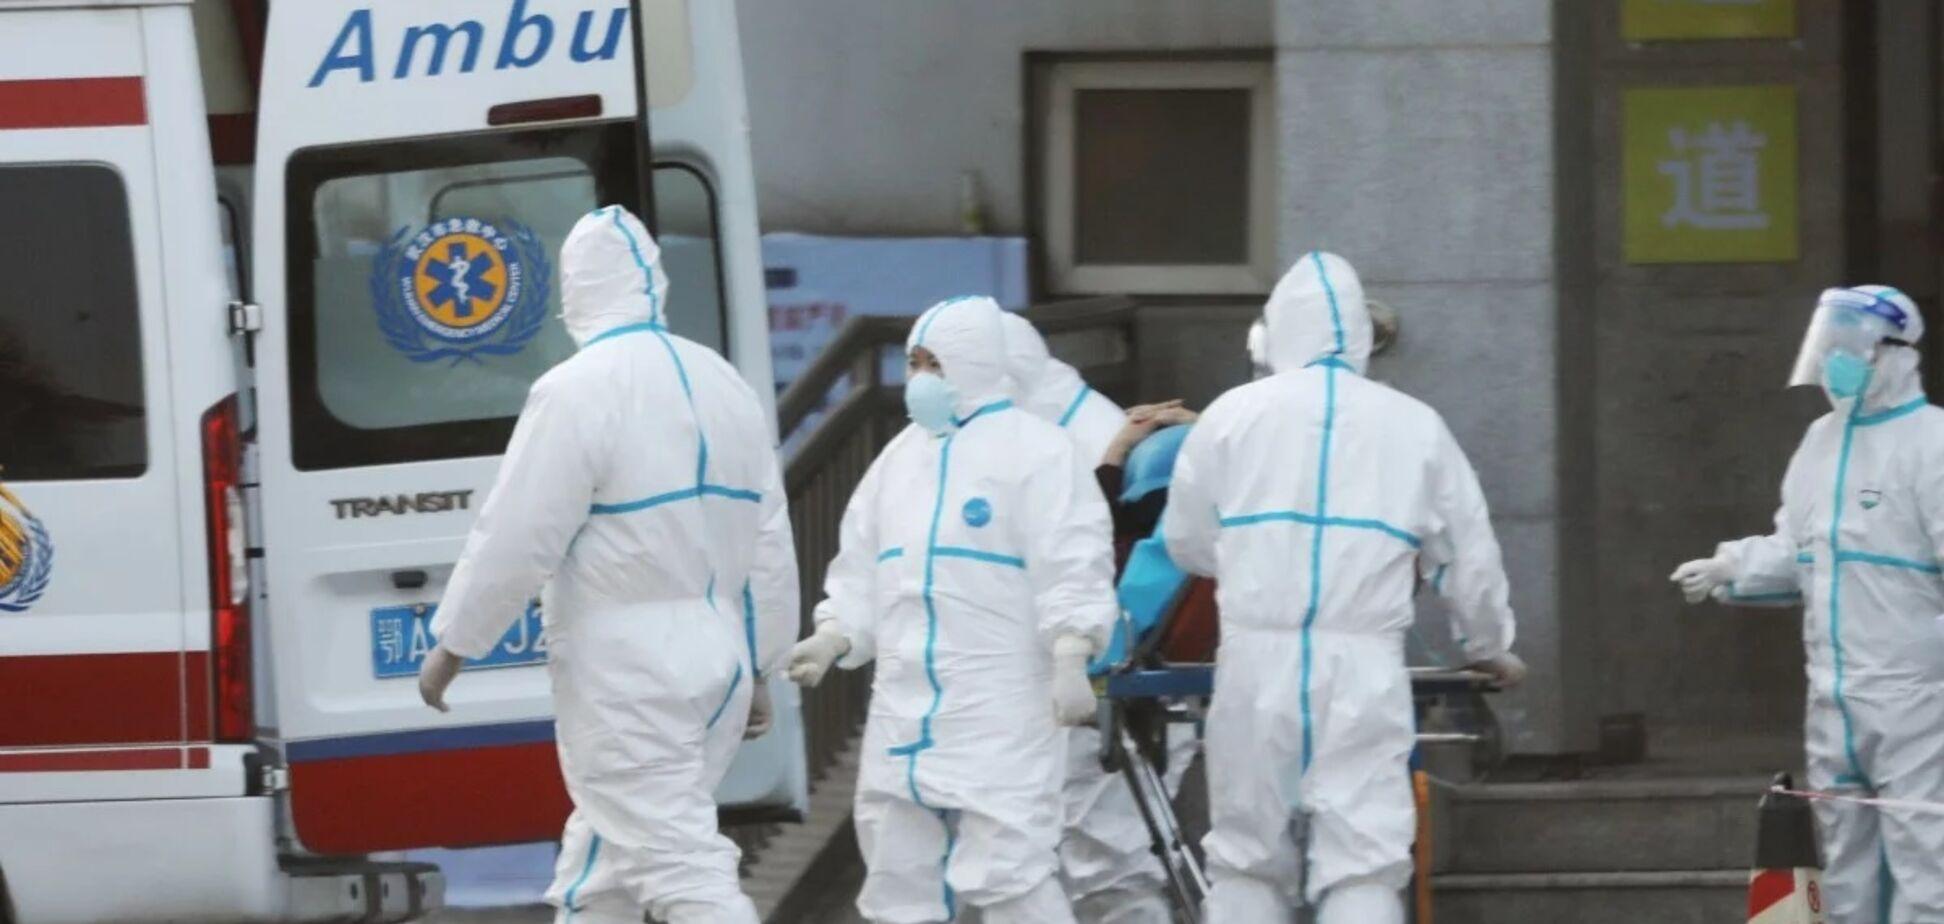 Коронавирус в Китае убил уже свыше 1500 человек: власти пошли на кардинальные меры